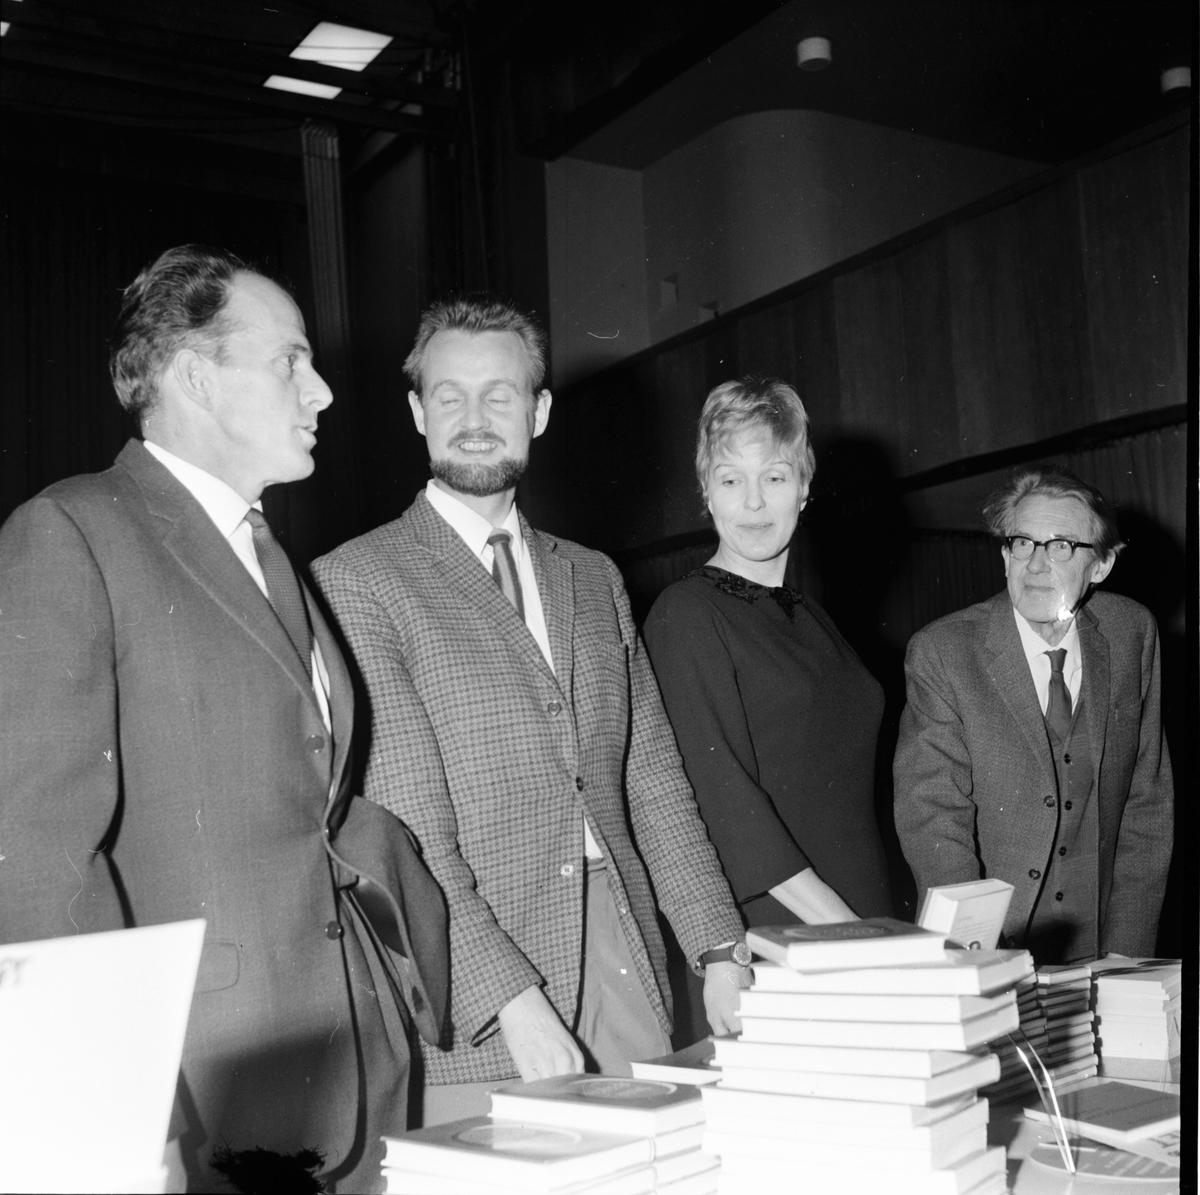 Uppläsningsafton på Folkhögskolan, Jacob Branting, Eva Dahlbeck, Olle Svensson, Sång:Gunvor Norlin, 5 December